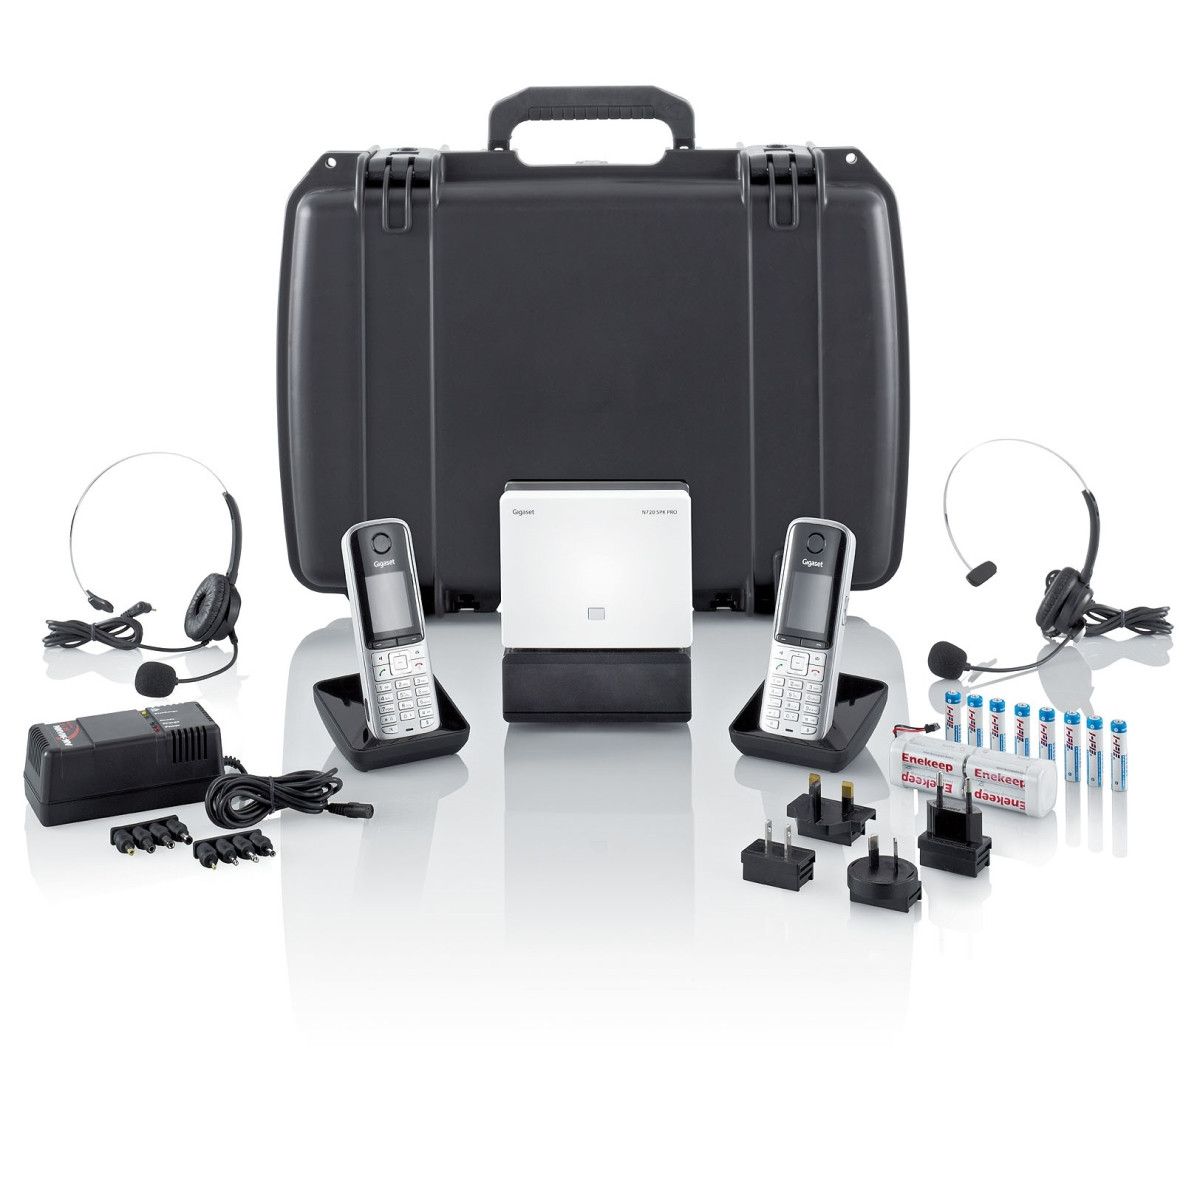 Комплект для тестирования DECT покрытия Gigaset N720 SPK PRO